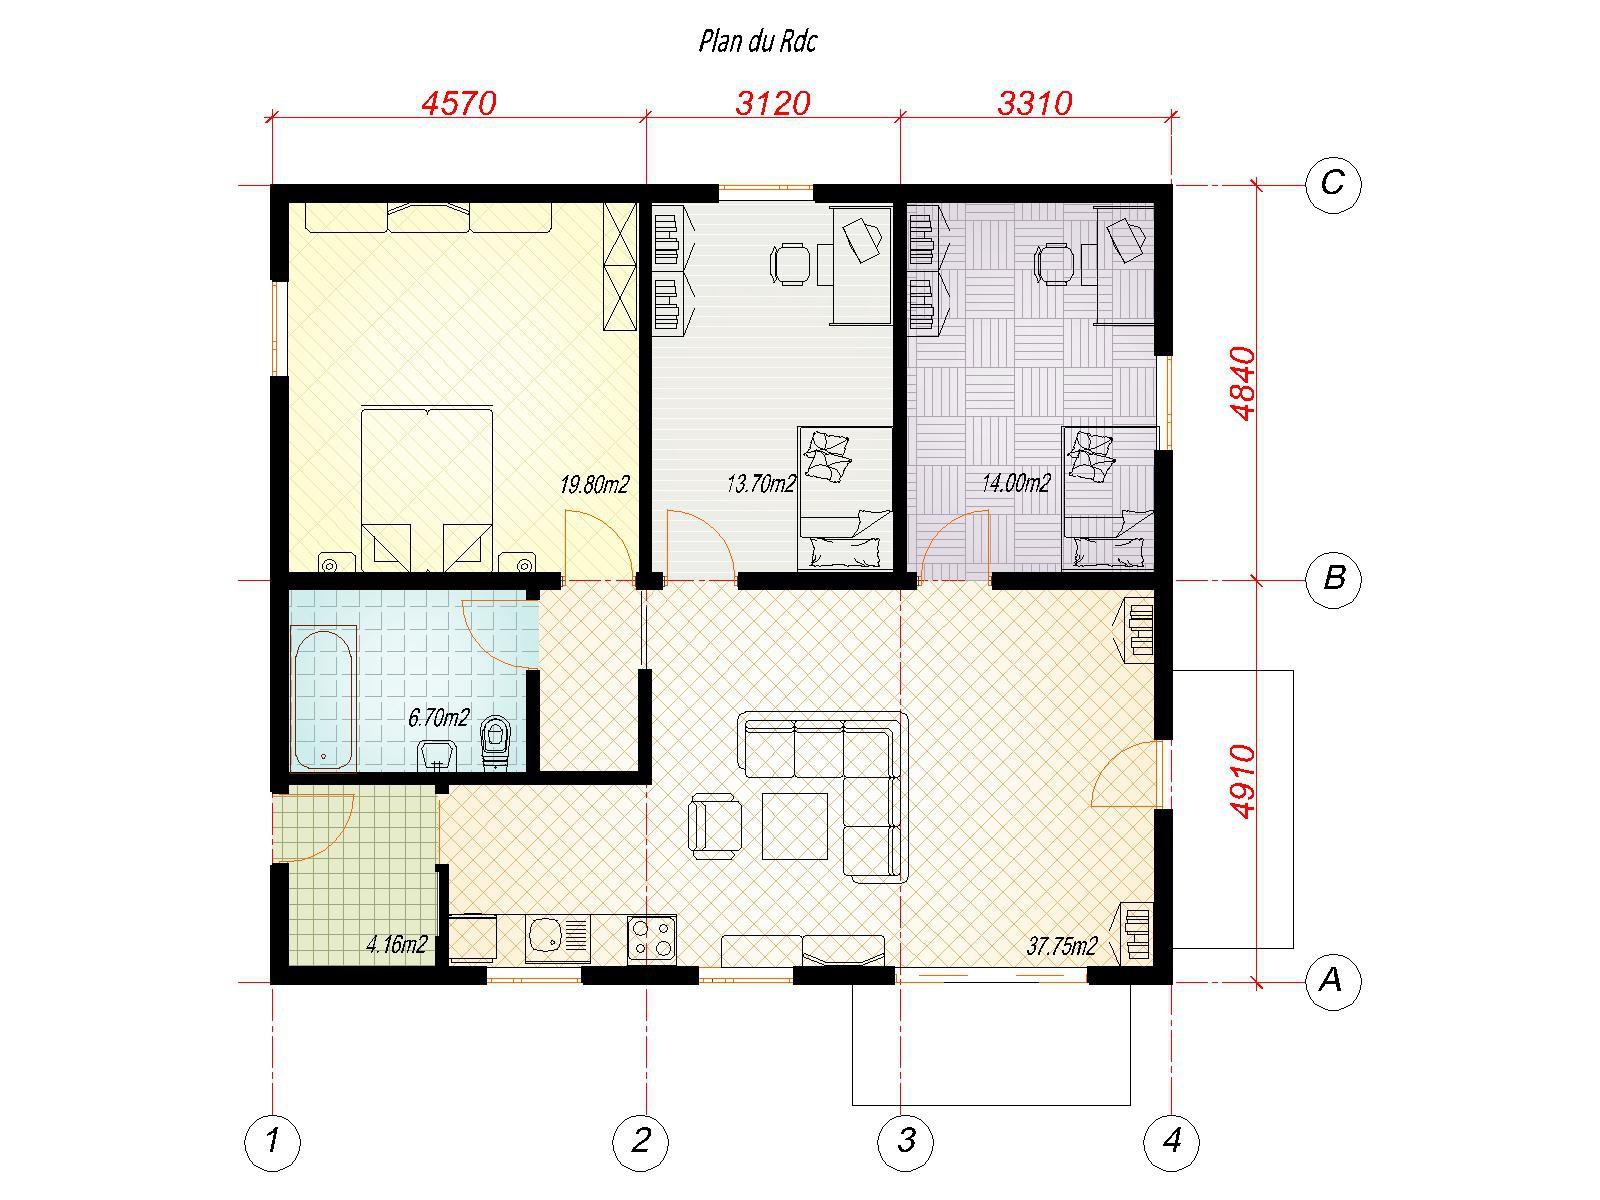 Plan Salle De Bain 5m2 Élégant Collection Plan Salle De Bain 5m2 Plan Salle De Bain 5m2 Fraisberlioz 2 Salle